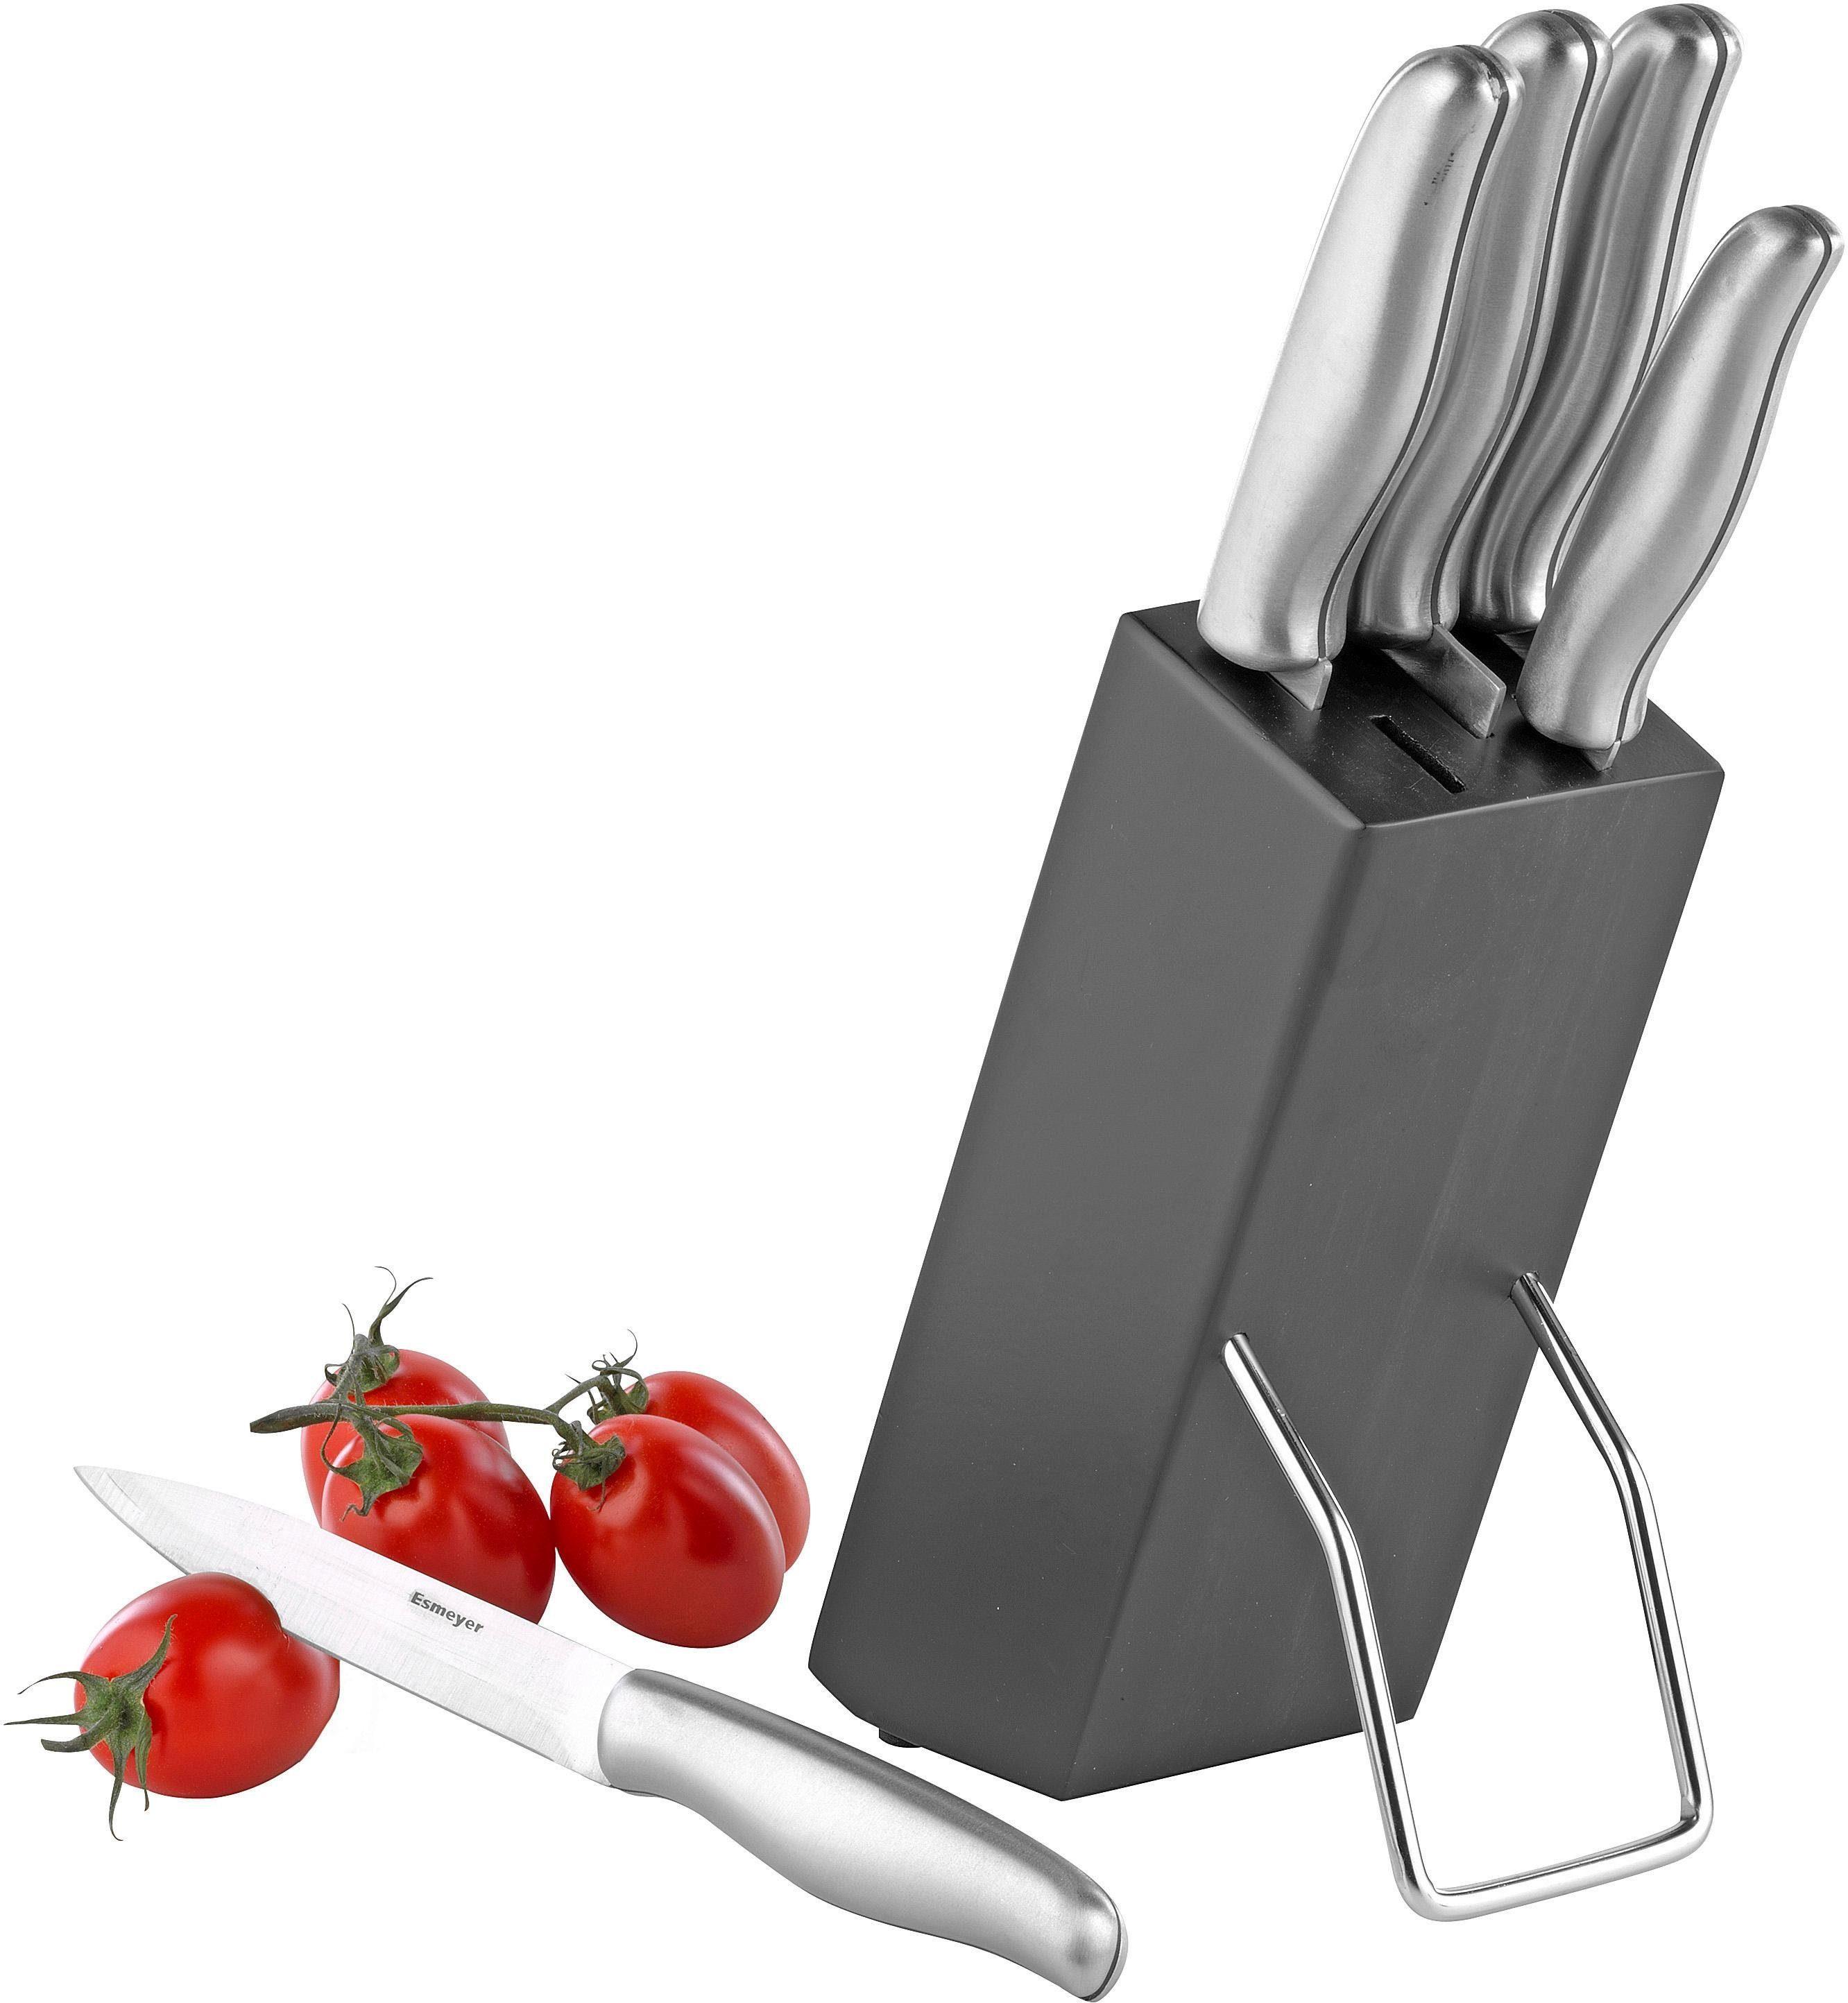 Esmeyer Messerblock Mars (6tlg) Wohnen/Haushalt/Haushaltswaren/Besteck & Messer/Küchenmesser-Sets/Messerblöcke